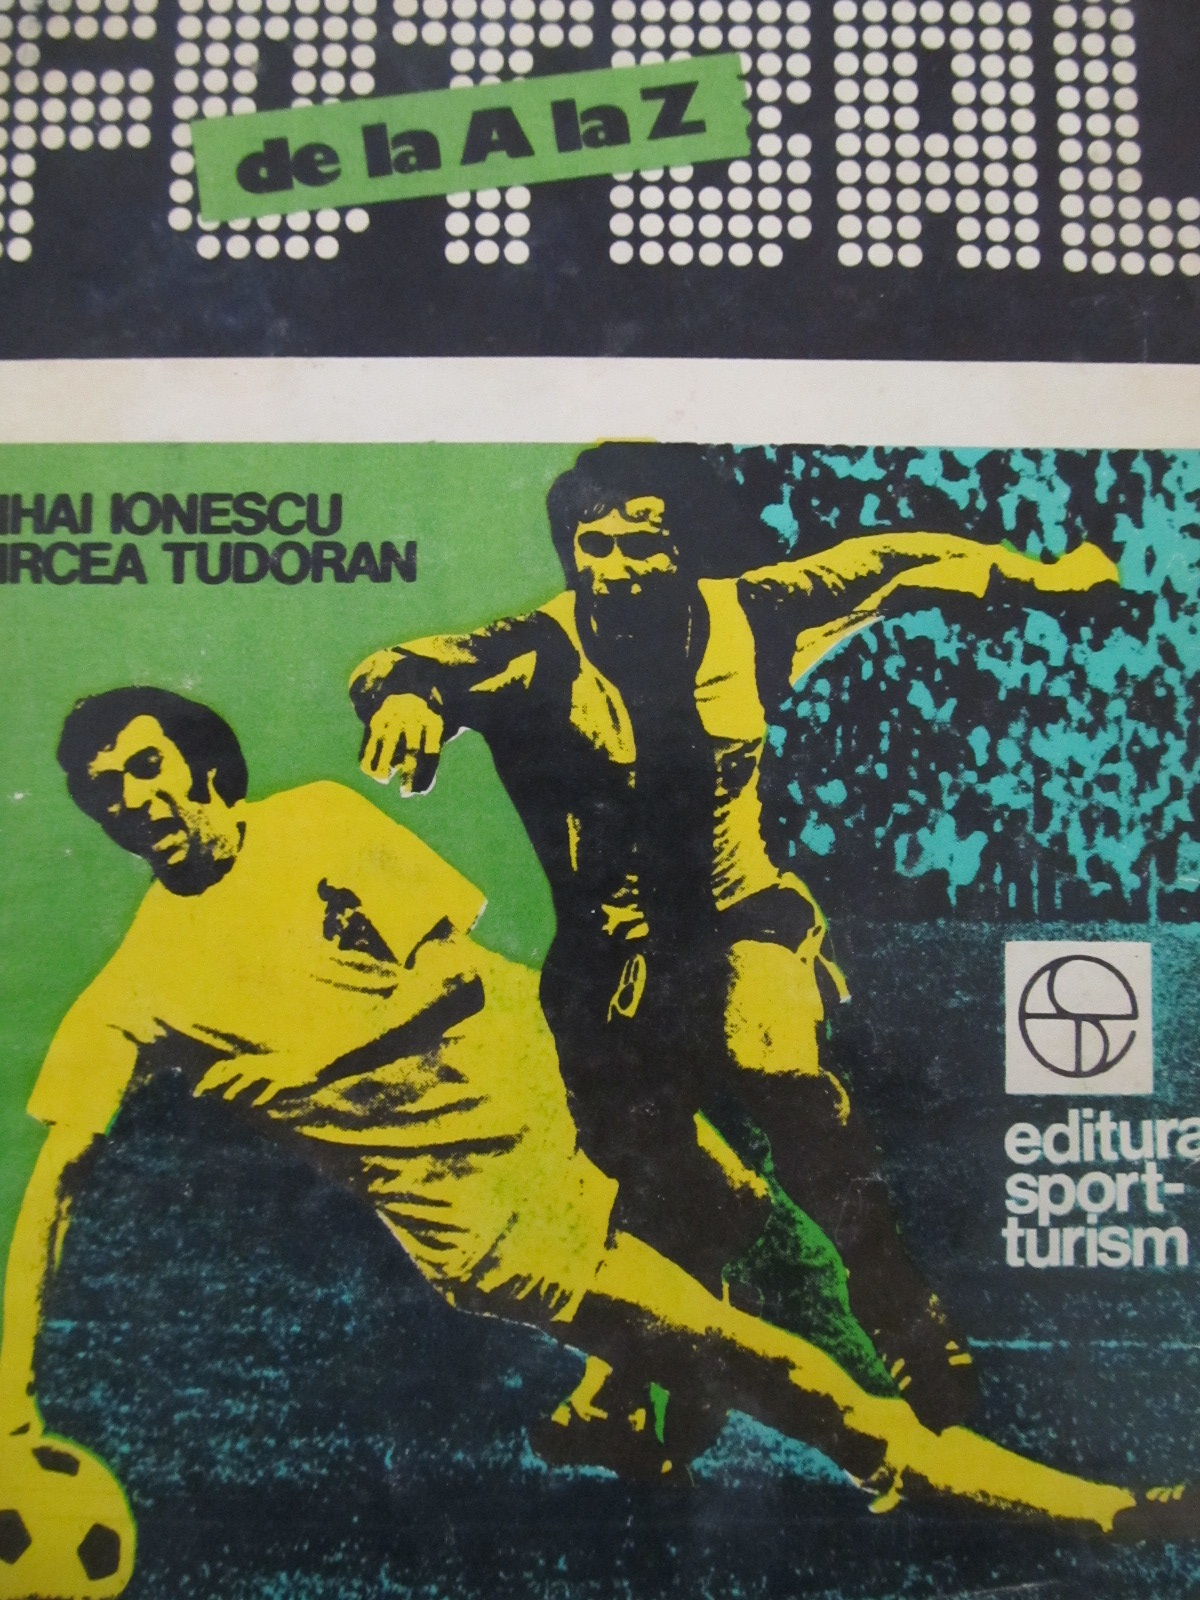 Fotbal de la A la Z - fotbalul romanesc de-a lungul anilor [1] - Mihai Ionescu , Mircea Tudoran | Detalii carte